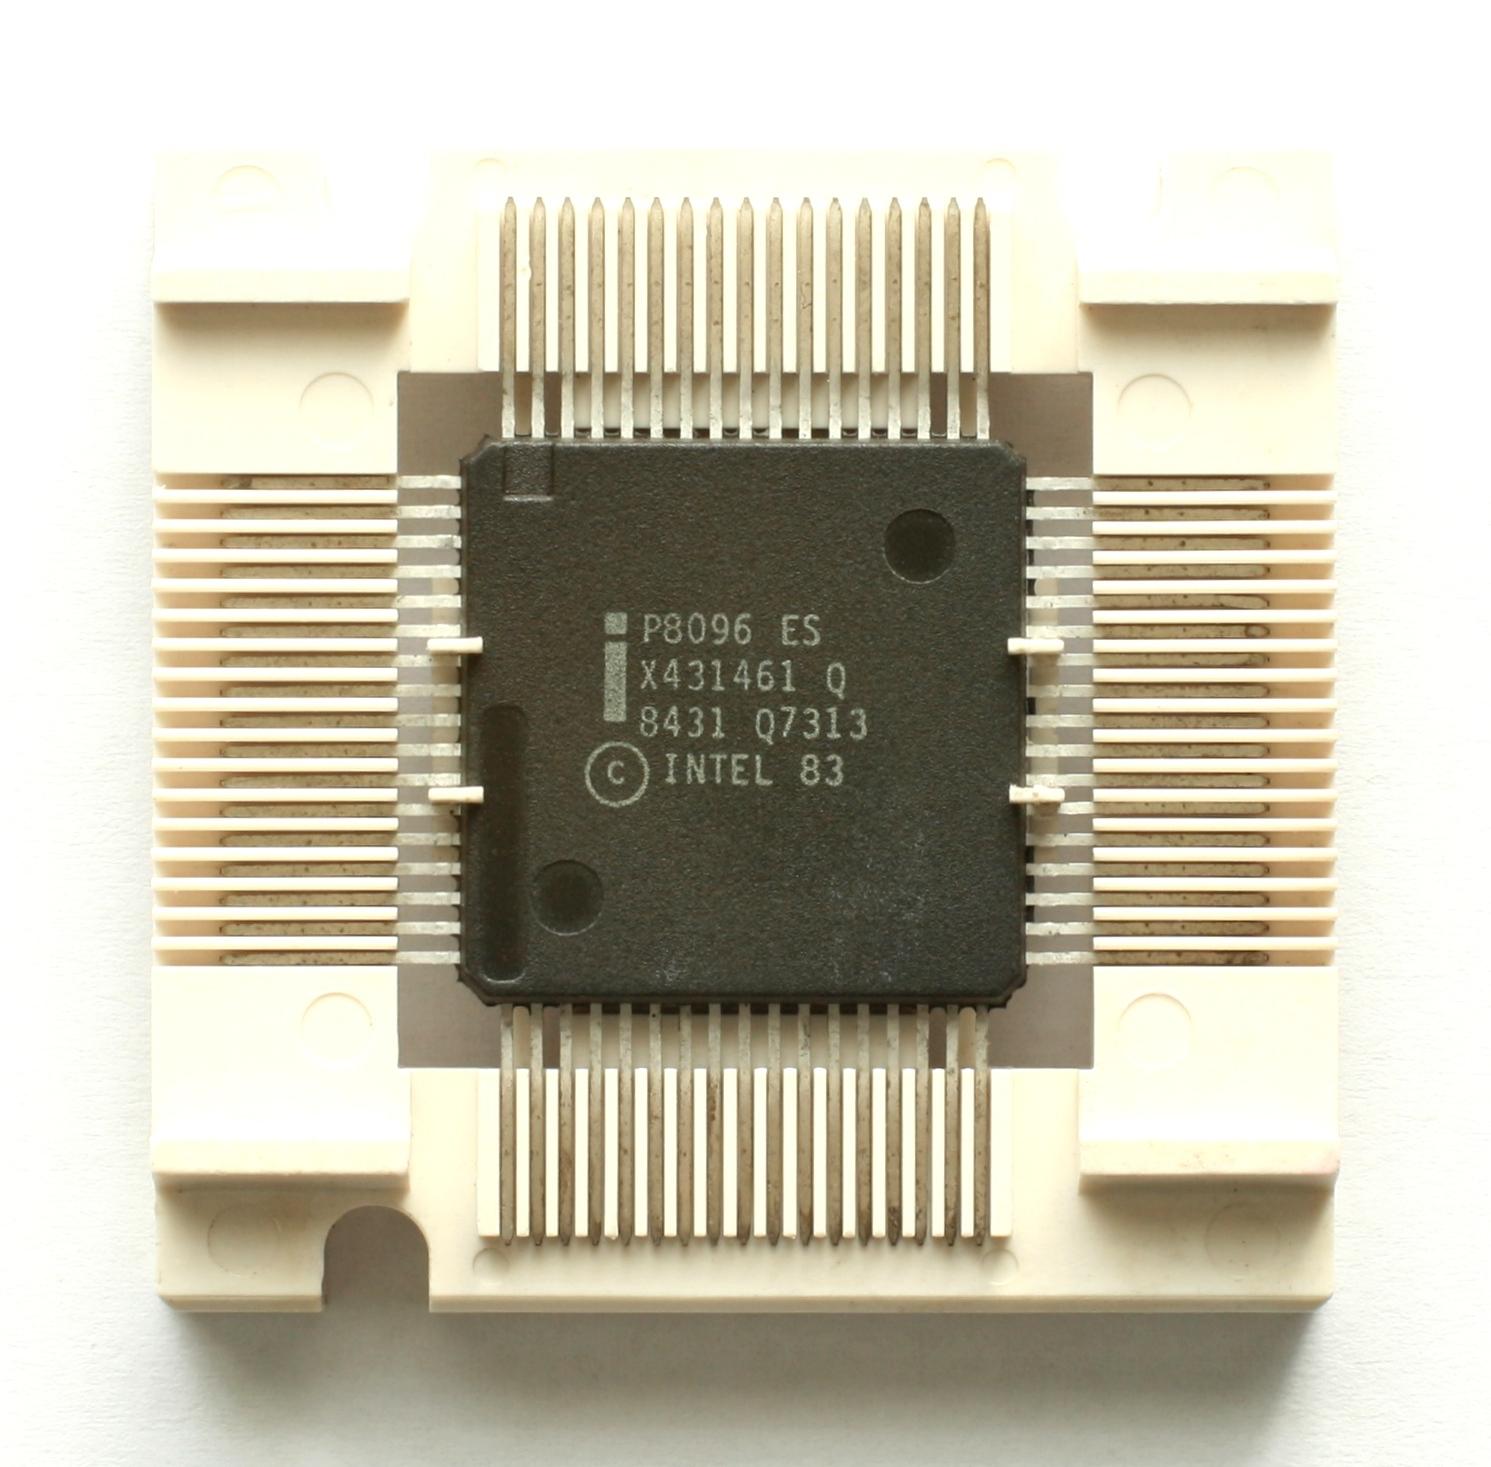 1x P8098 COMMERCIAL//EXPRESS HMOS MICROCONTROLLER